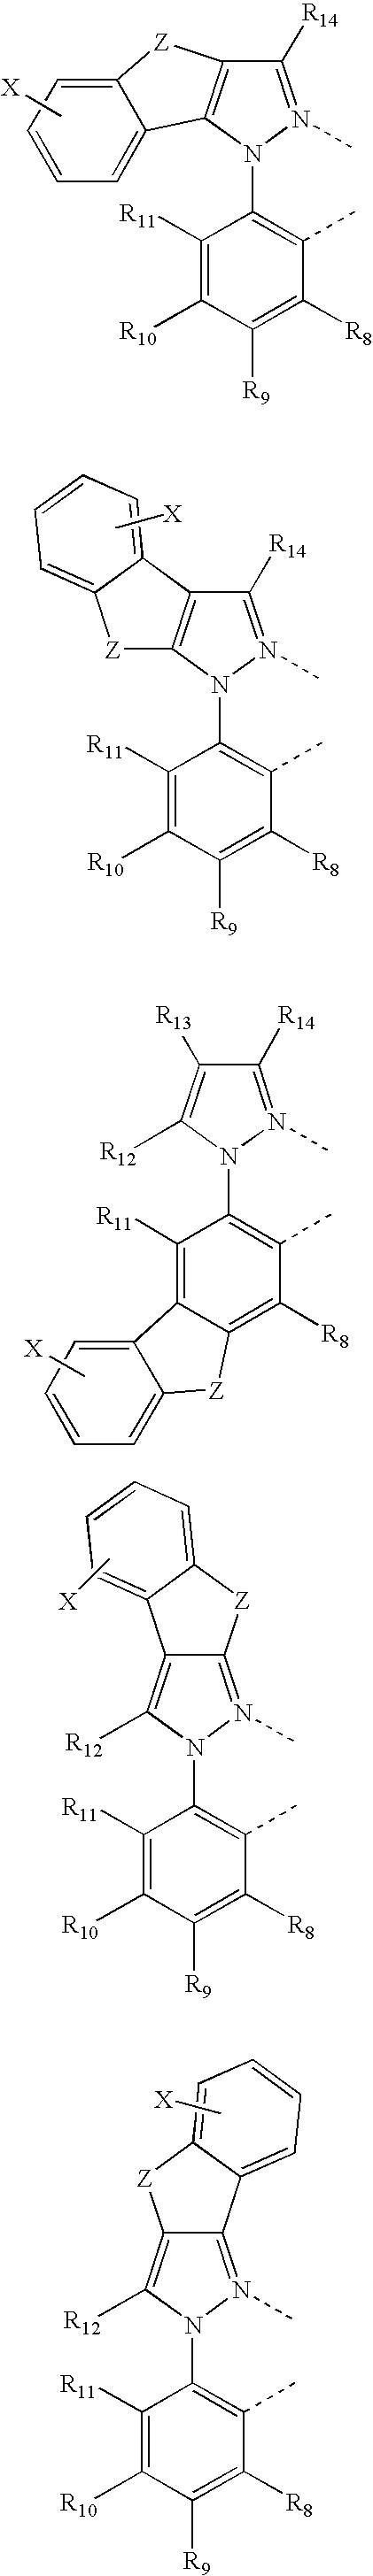 Figure US07338722-20080304-C00021